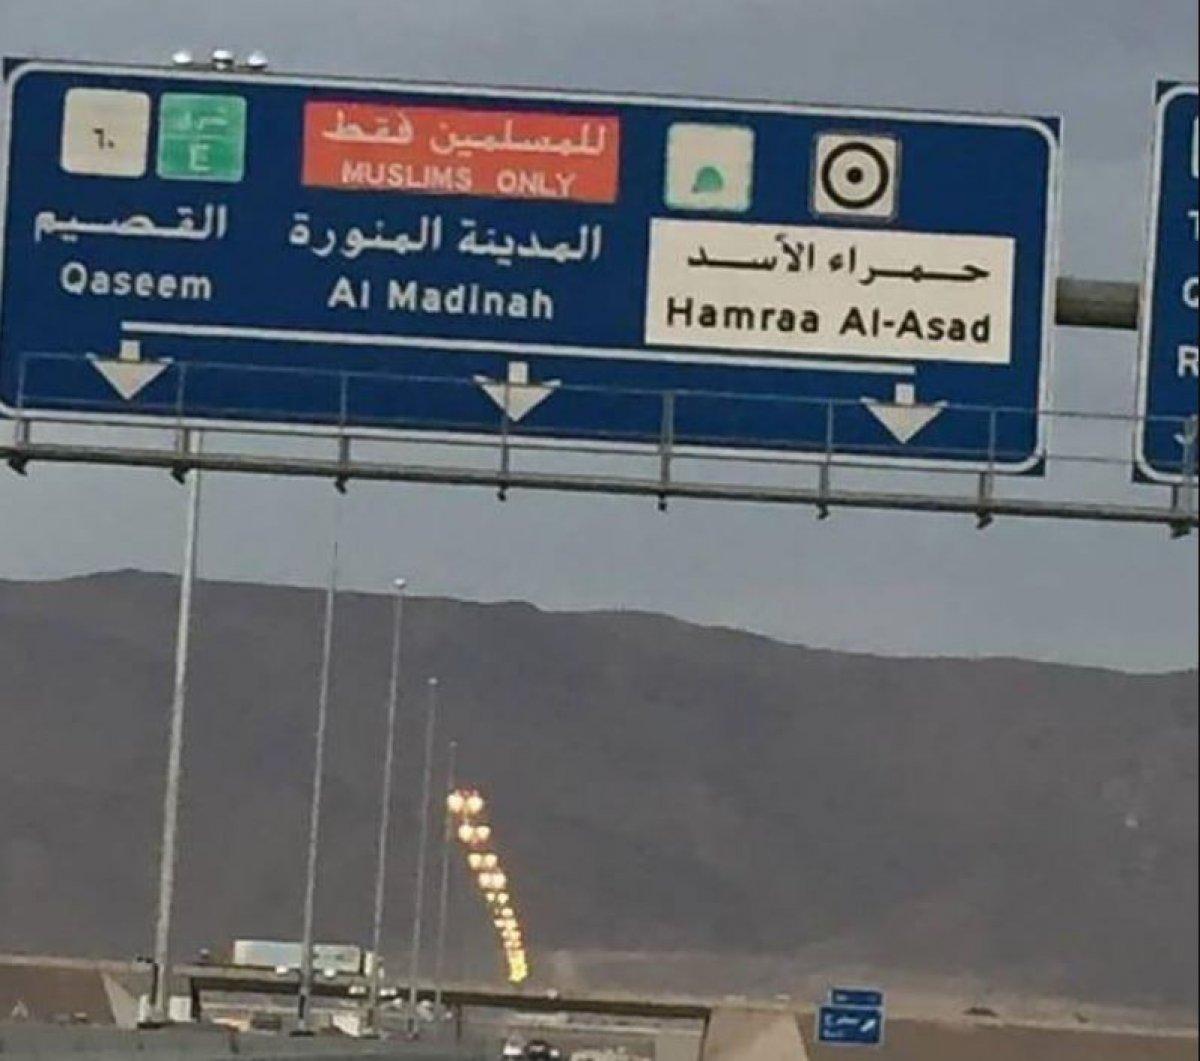 Suudi Arabistan, Medine ye giden yollardaki  sadece Müslümanlar  yazısını sildi #1